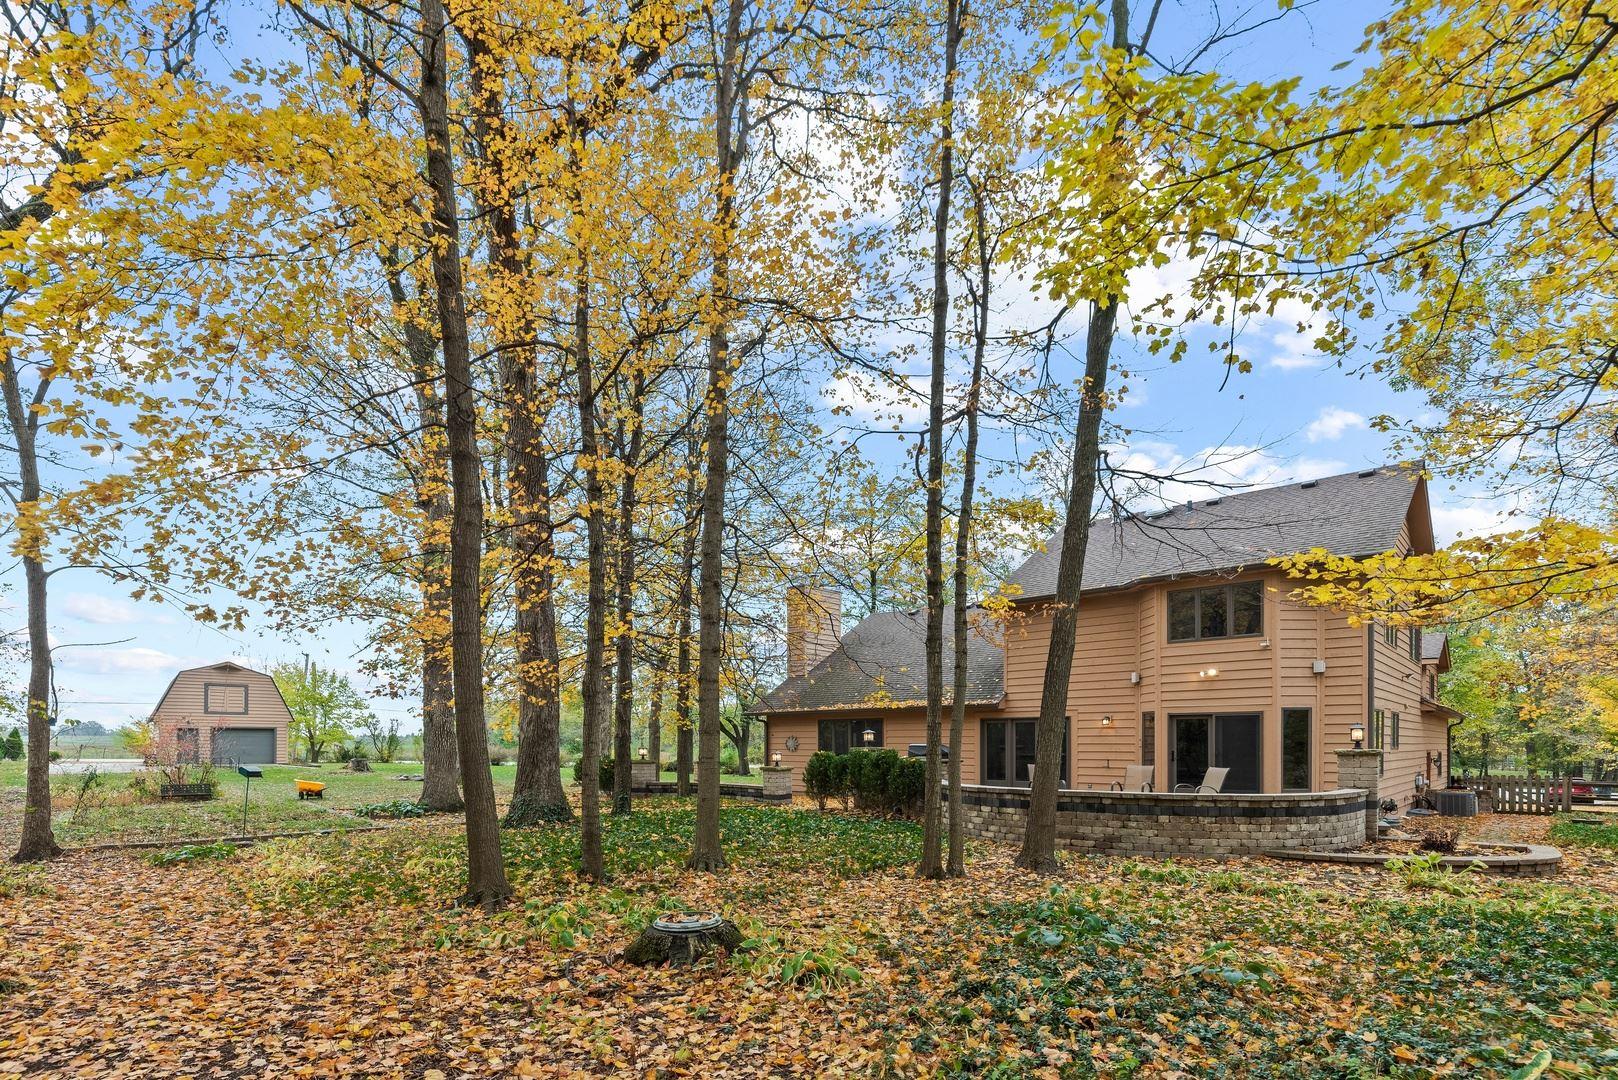 Photo of 84 Crestview Drive, Oswego, IL 60543 (MLS # 10910542)